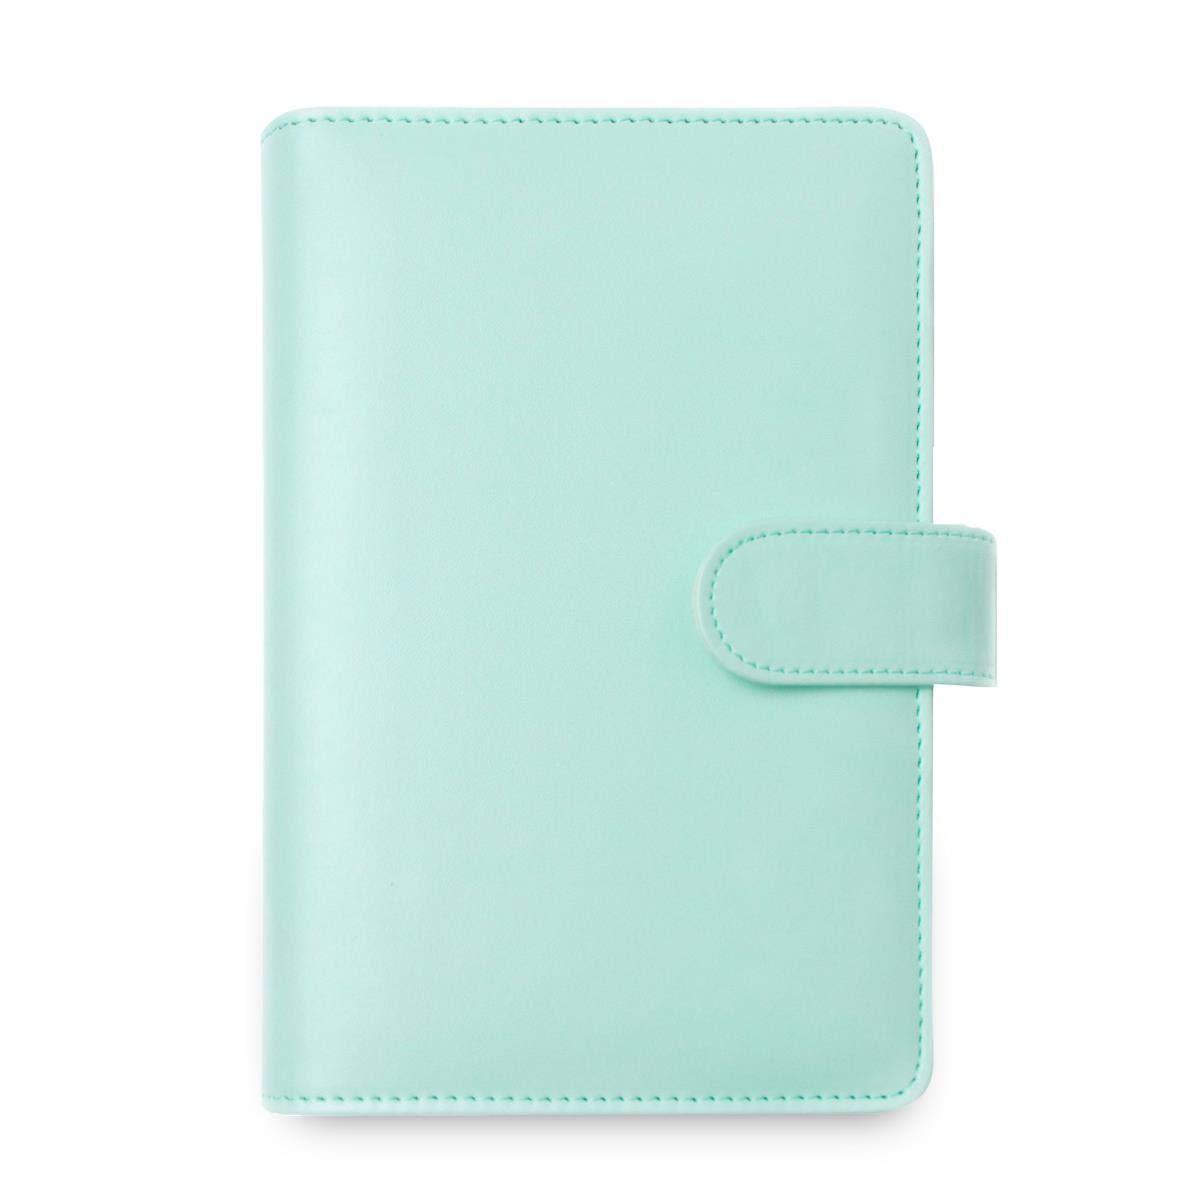 Amazon.com: Pasión cuaderno de piel original oficina diario ...